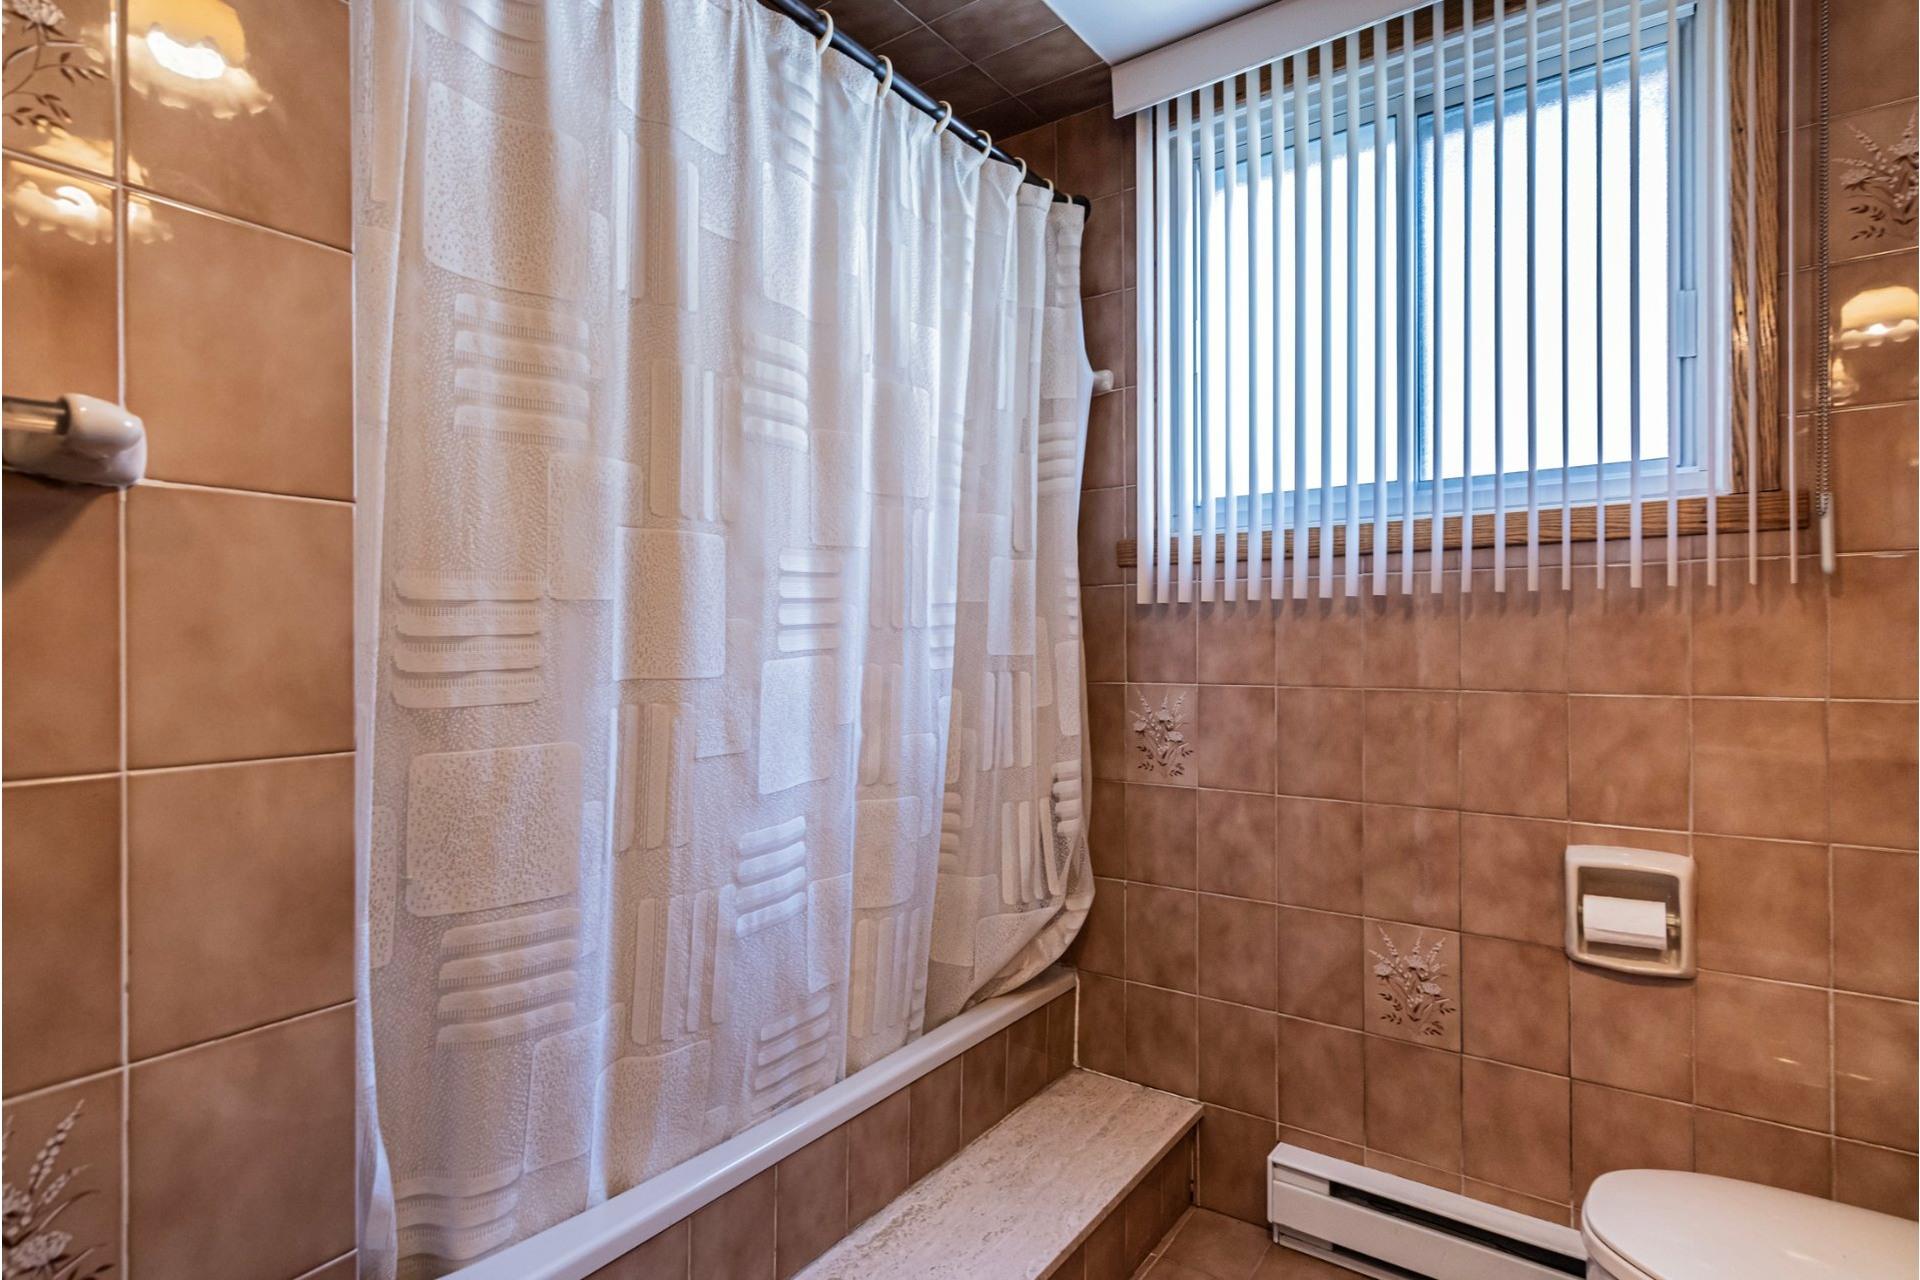 image 19 - Duplex For sale Saint-Léonard Montréal  - 9 rooms